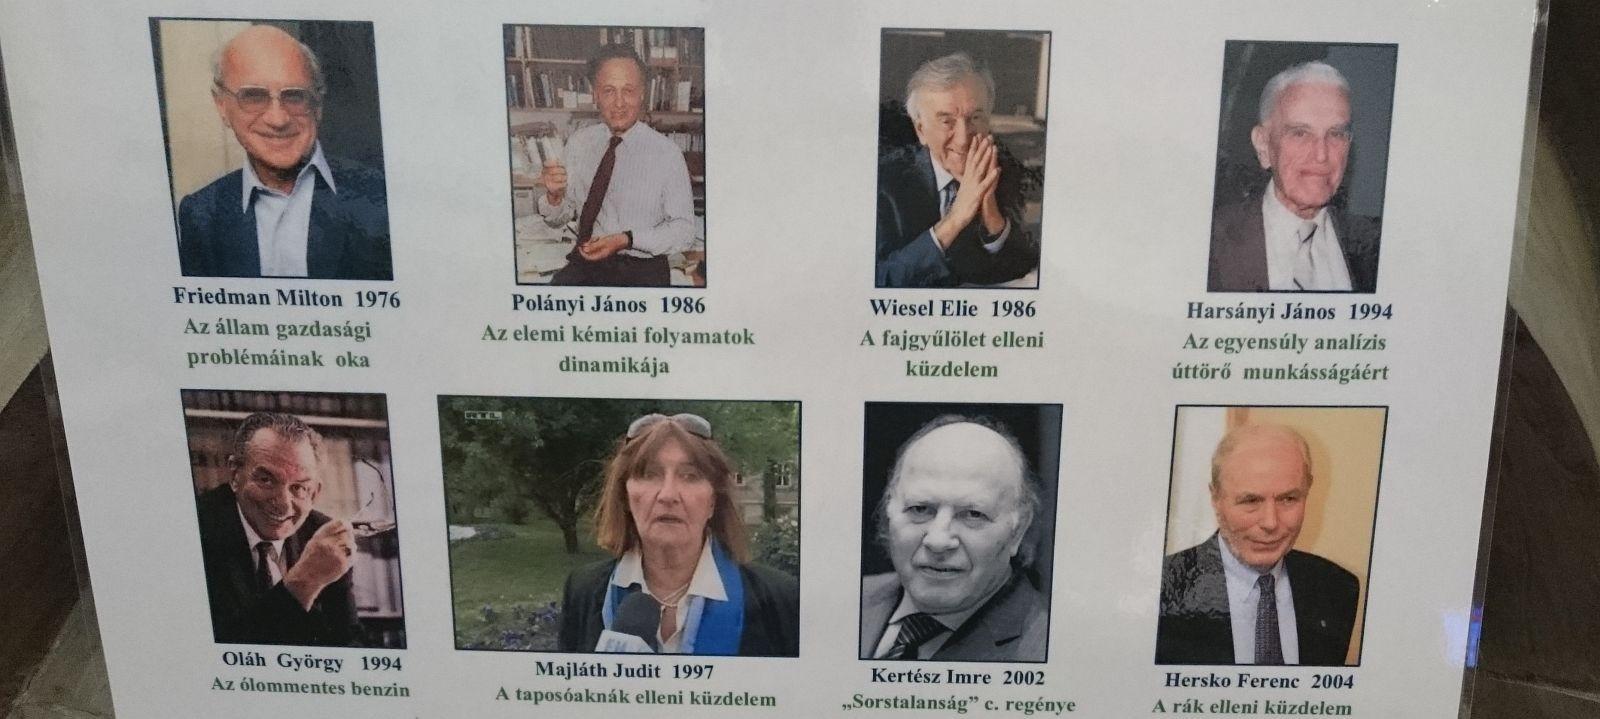 Magyarországon született tudósok előtt tiszteleg Székesfehérvár